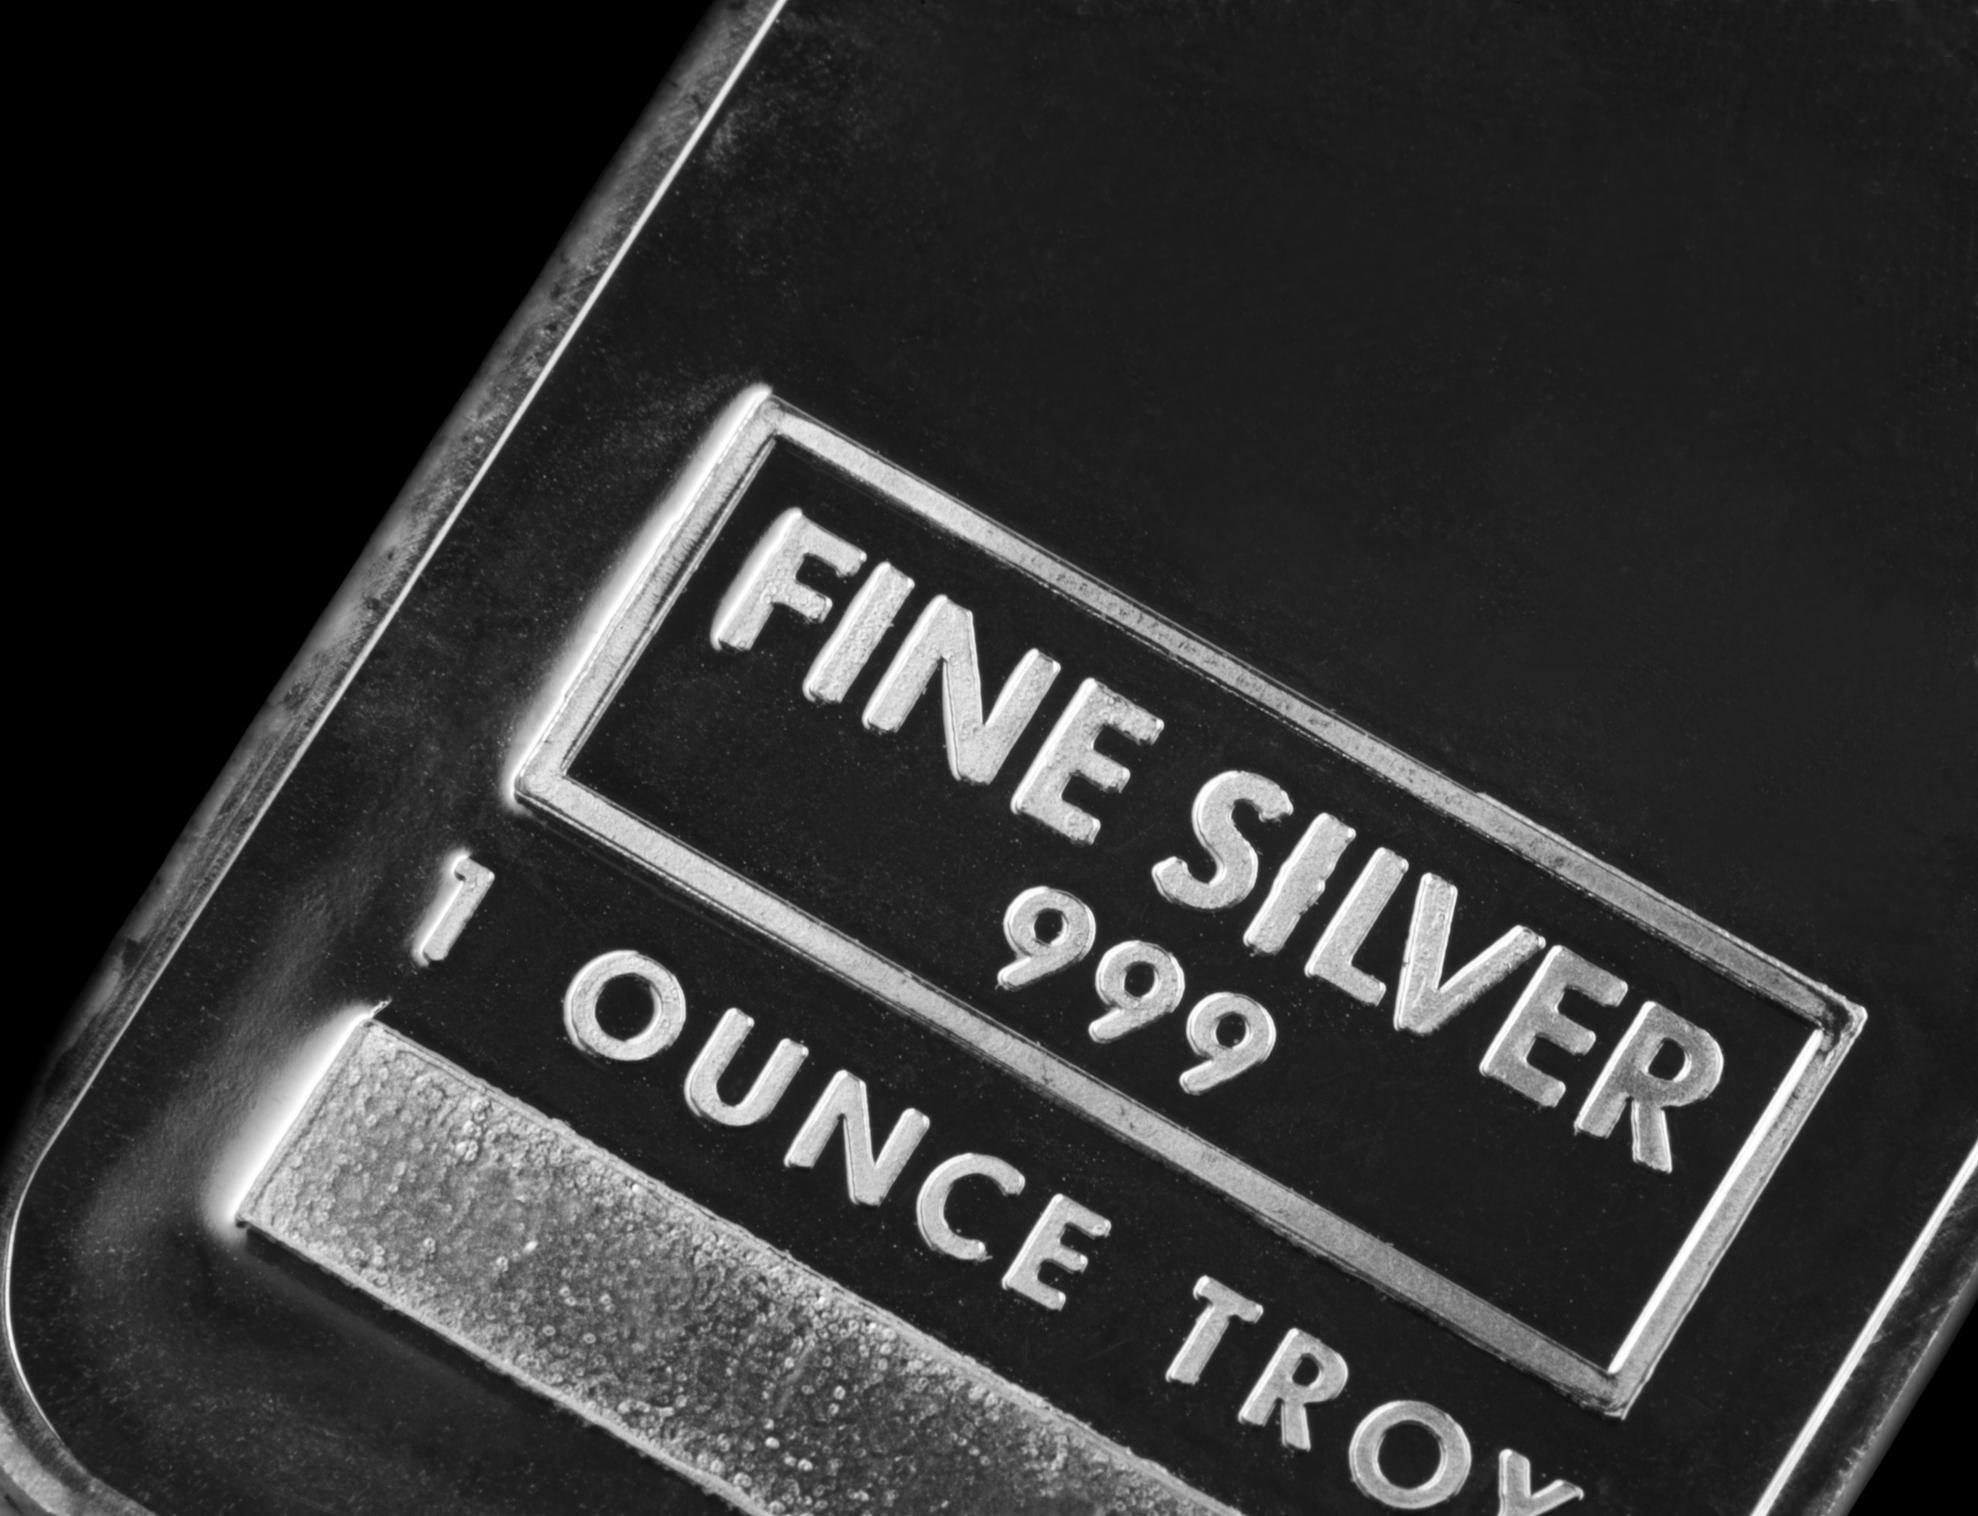 A silver bar on a dark background.